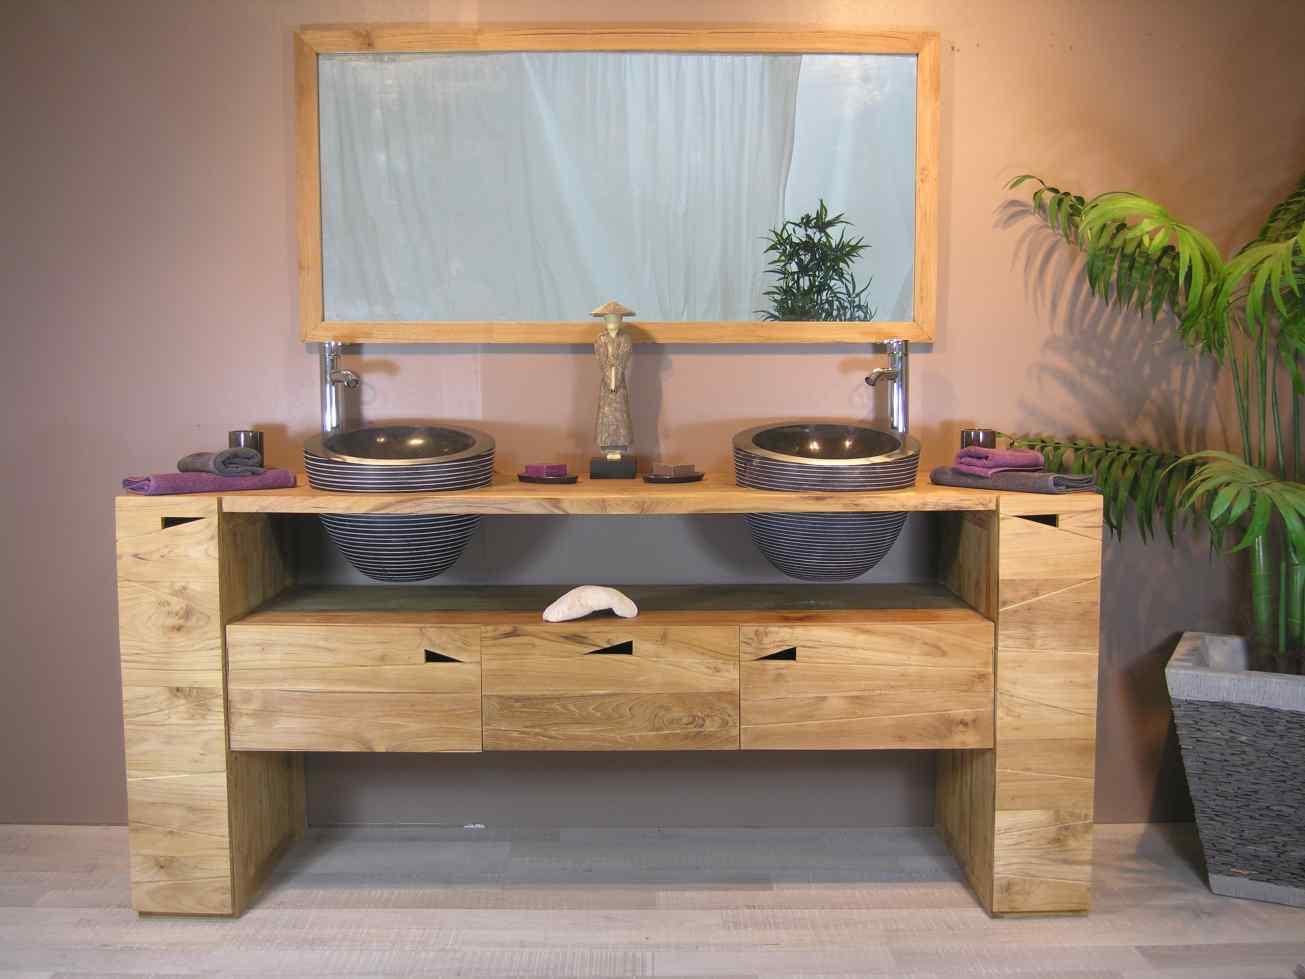 Vasque à Poser Ikea Nouveau Image Meuble Salle De Bain Vasque A Poser New Superbe Meuble Salle De Bain